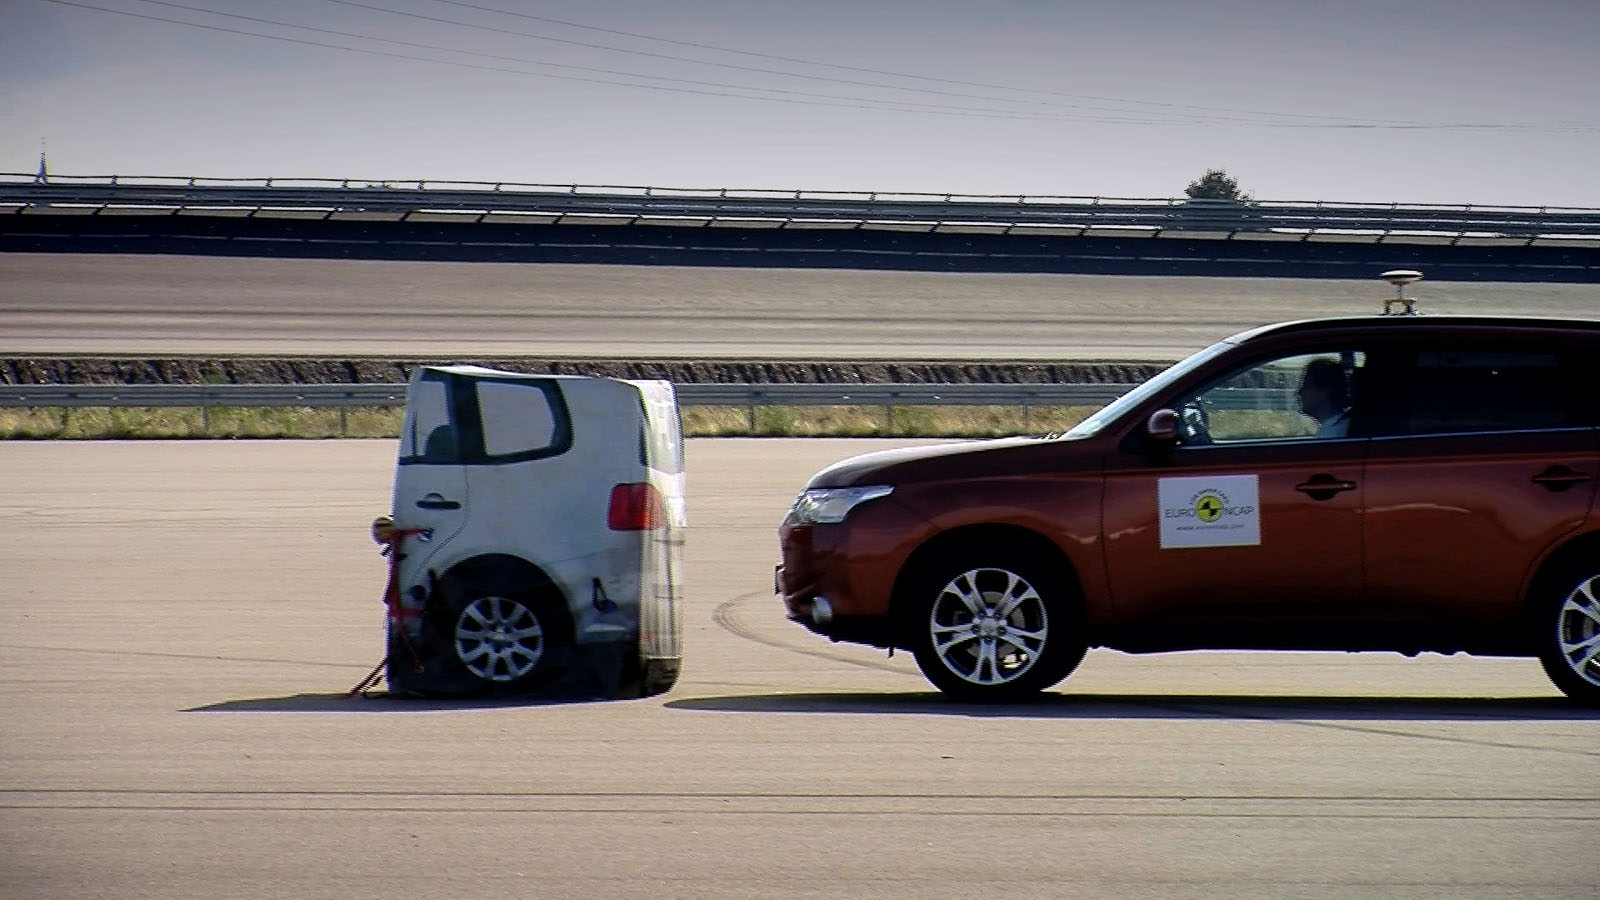 Aktive Unfallvermeidungs-Systeme fließen immer stärker in die Euro NCAP-Bewertung ein. Das erste ge- testete war ESP, das zweite der Notbrems-Assistent (im Bild). Heute werden sämtliche Assistenten geprüft.